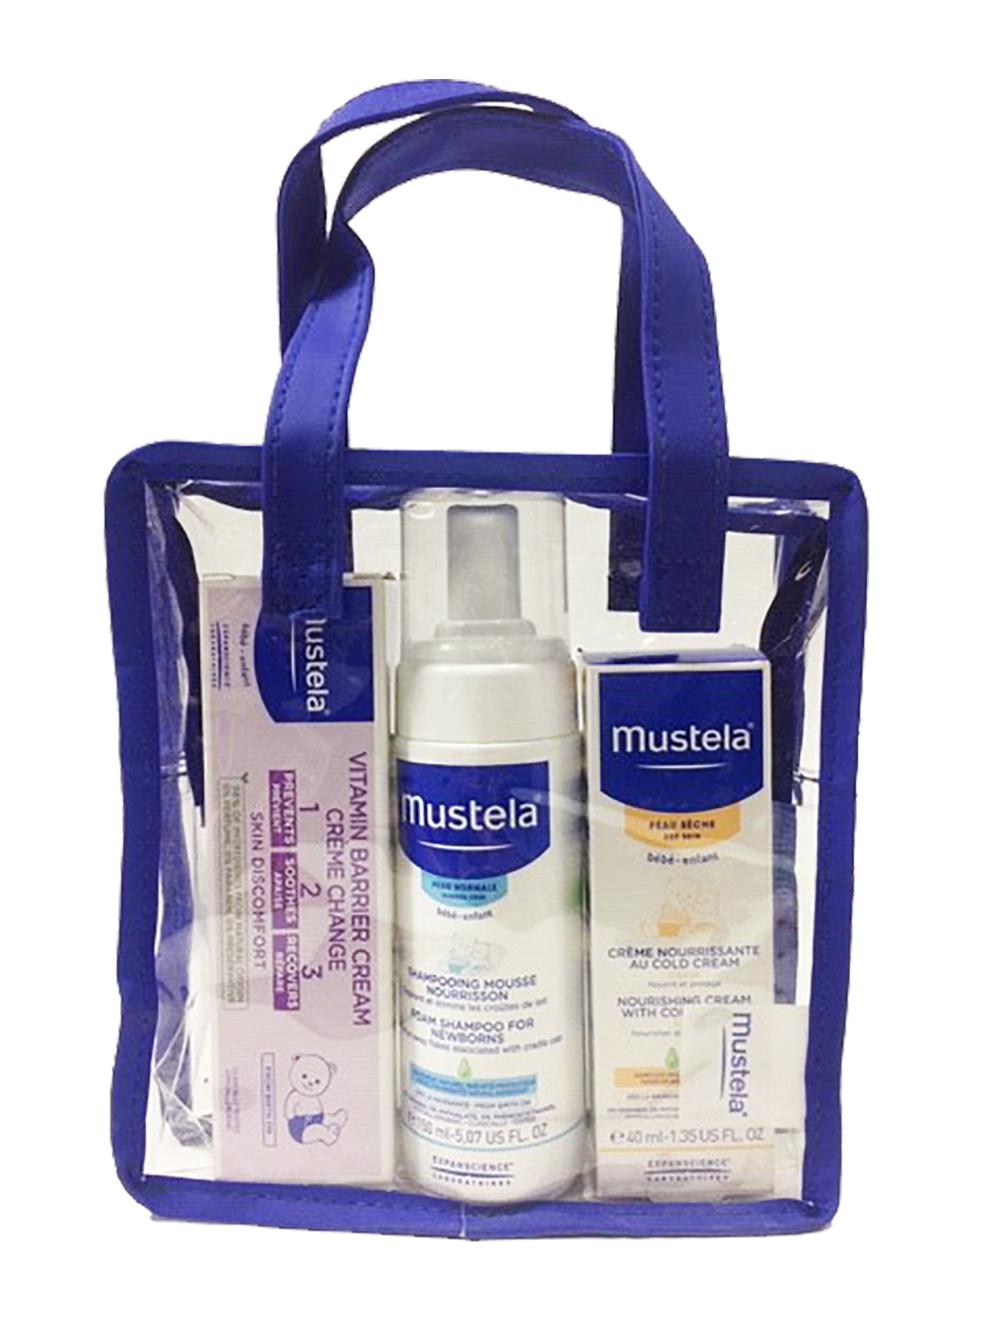 Mustela Gift Set - Dry Skin 807307